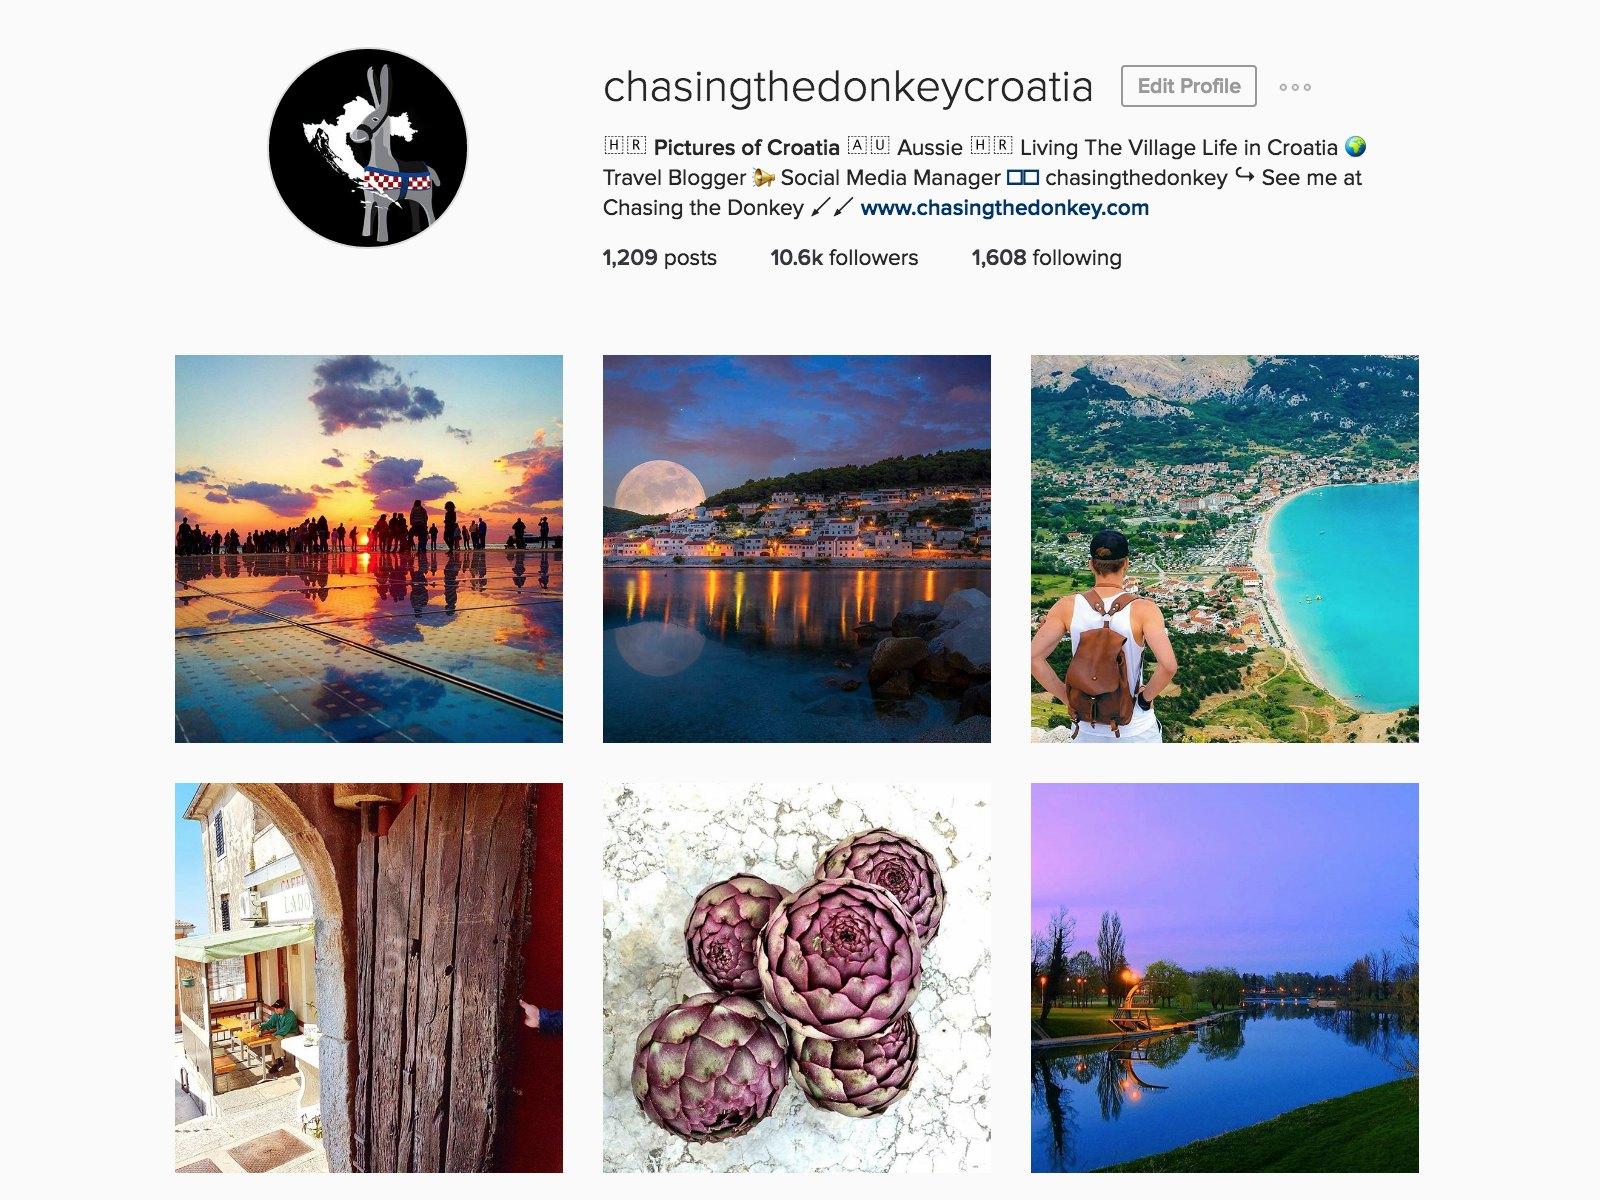 chasing the donkey instagram